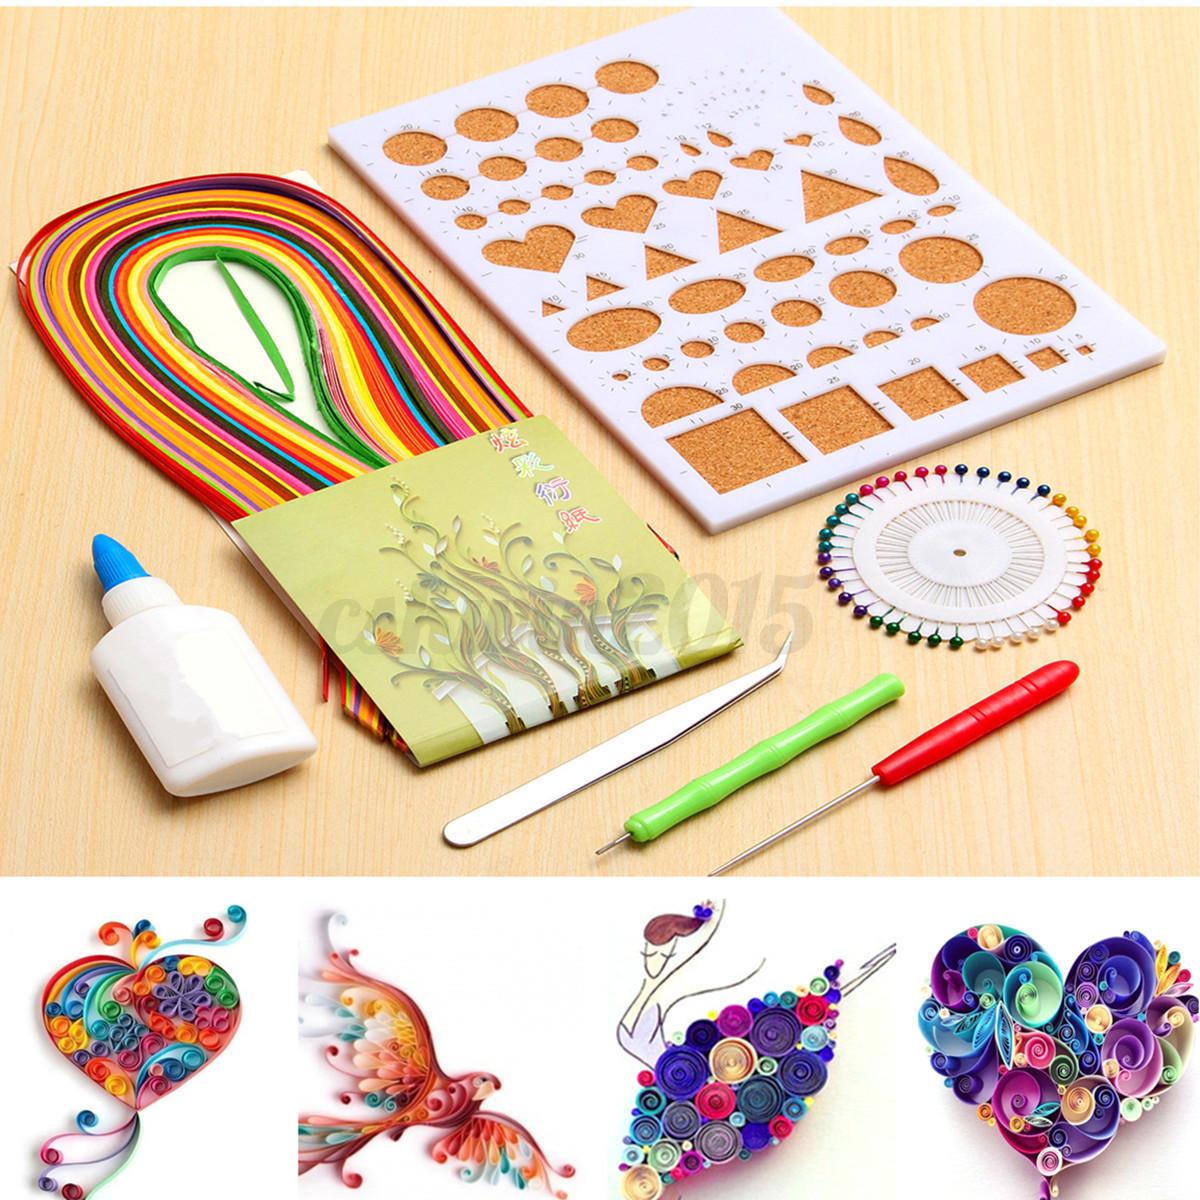 Details zu 7pcs/set 12 Colors Paper Quilling Strips Tools Crimper Tool ...